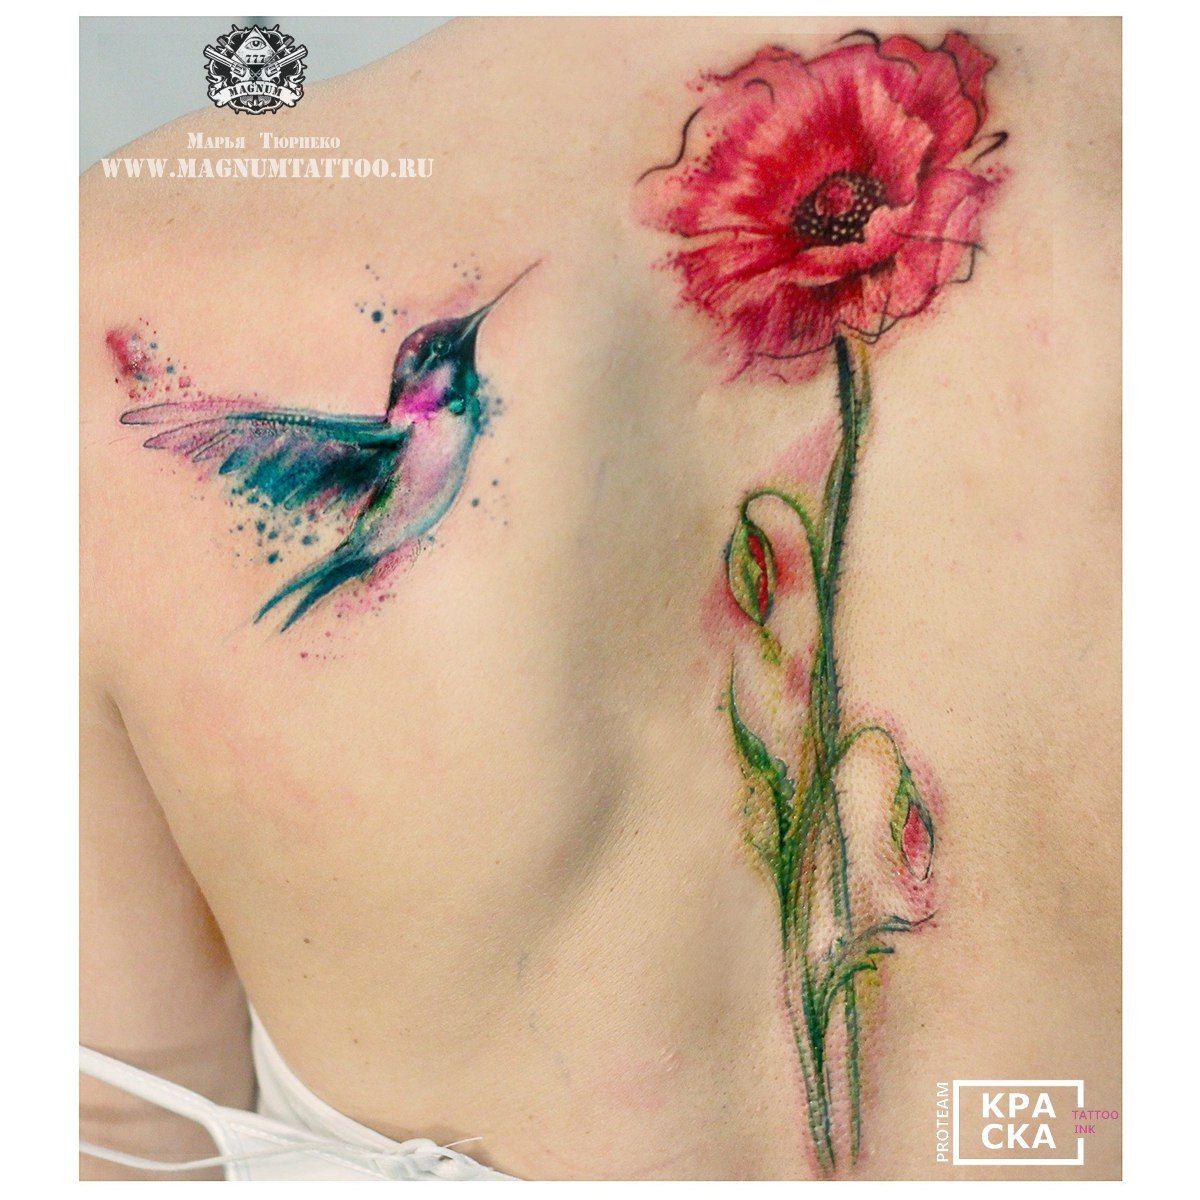 марья тюрпеко акварель тату акварельная тату татуировка в стиле